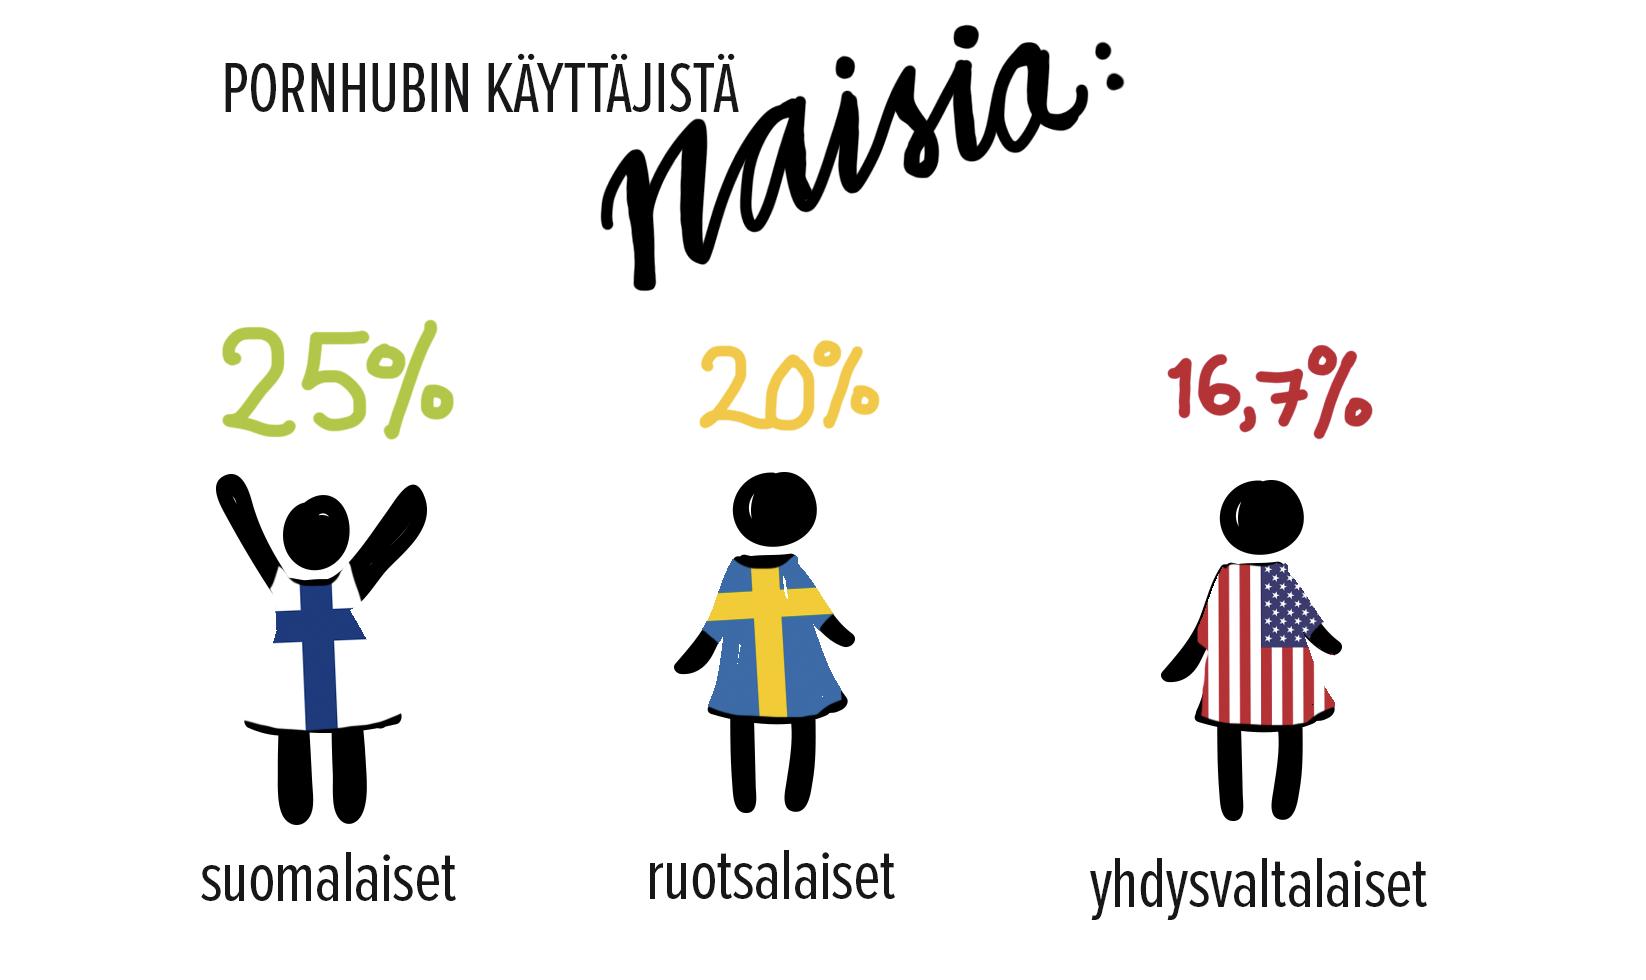 Pornhubin suomalaisista käyttäjistä 25% on naisia.